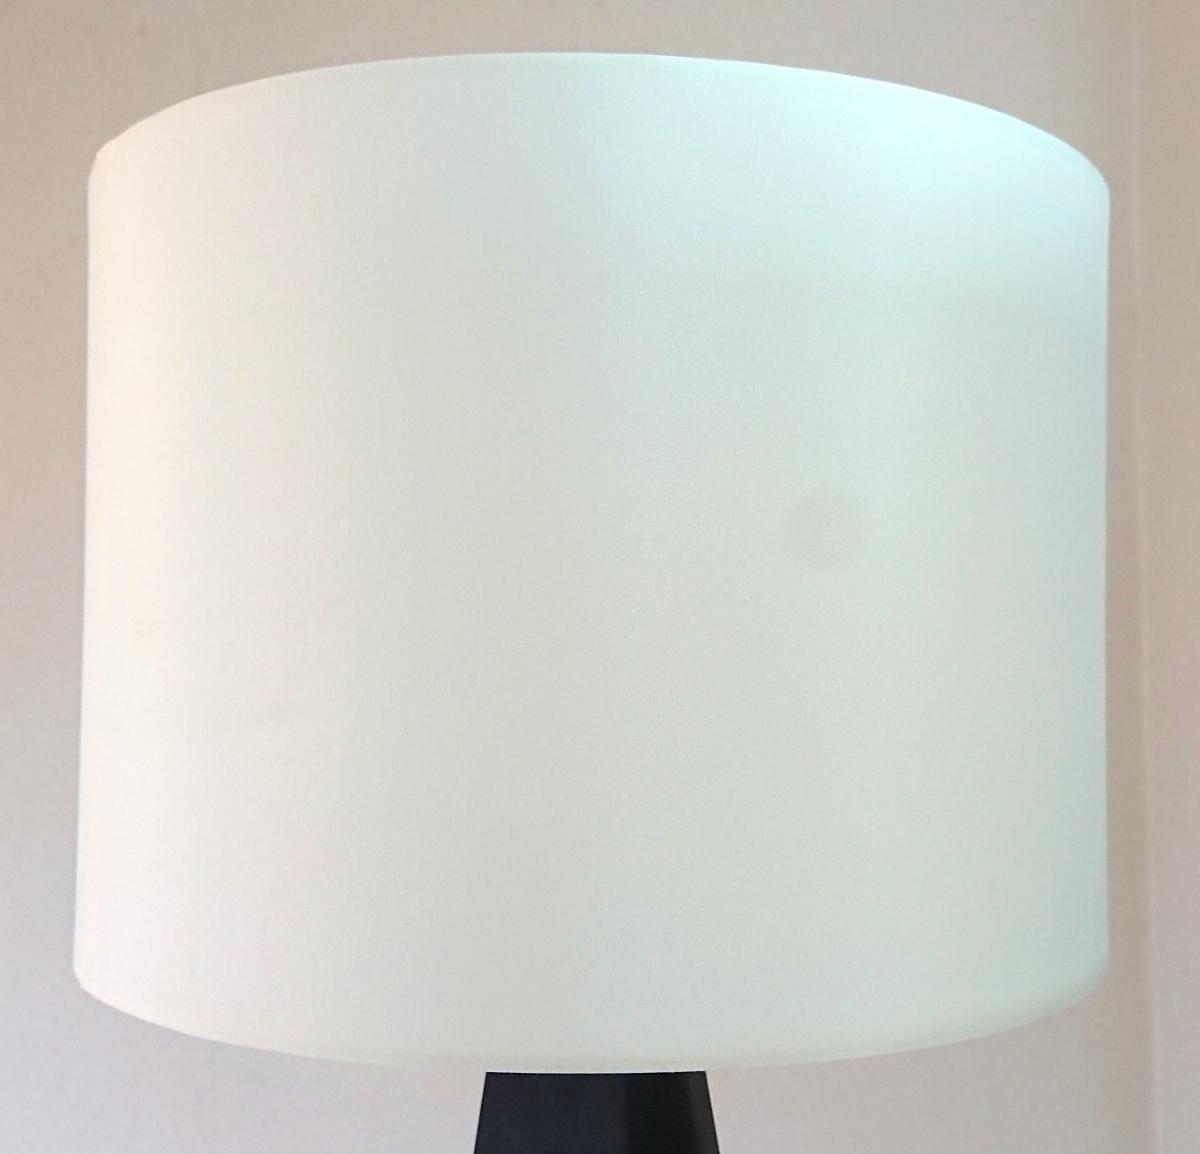 DCS ABOVO アボーボ Summit サミット スタンドライト ランプ オベリスク テーブルライト インテリア 送料無料 即決!_画像6